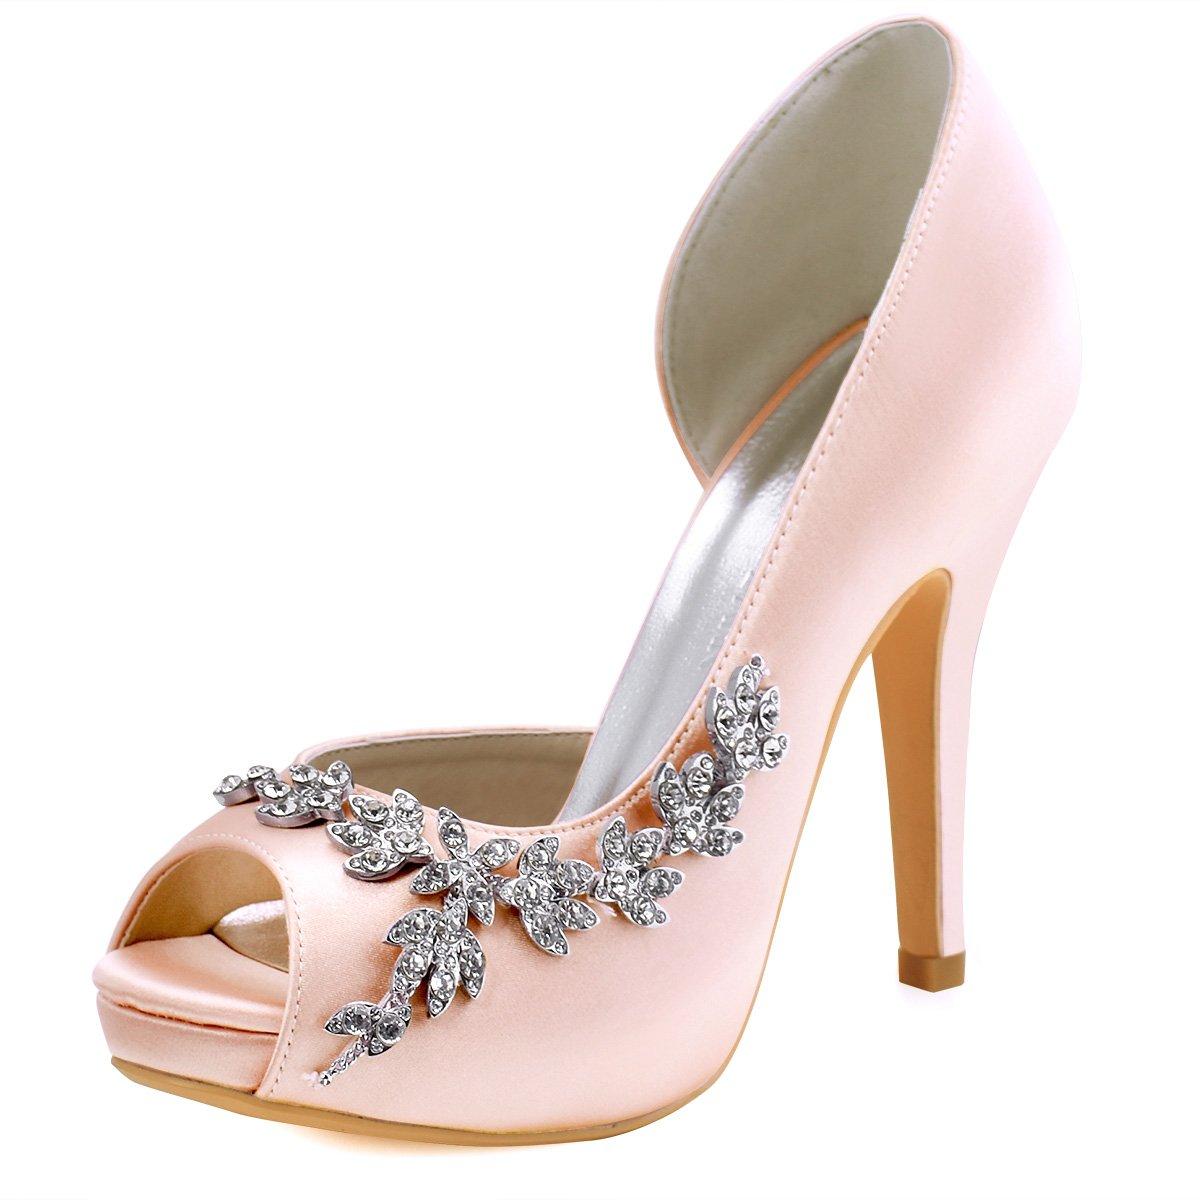 Elegantpark EP11045-IP Mujer Plataforma Peep Toe Tacón Aguja Arcos Satin Zapatos de Boda Novia 37 EU|Sonrojo